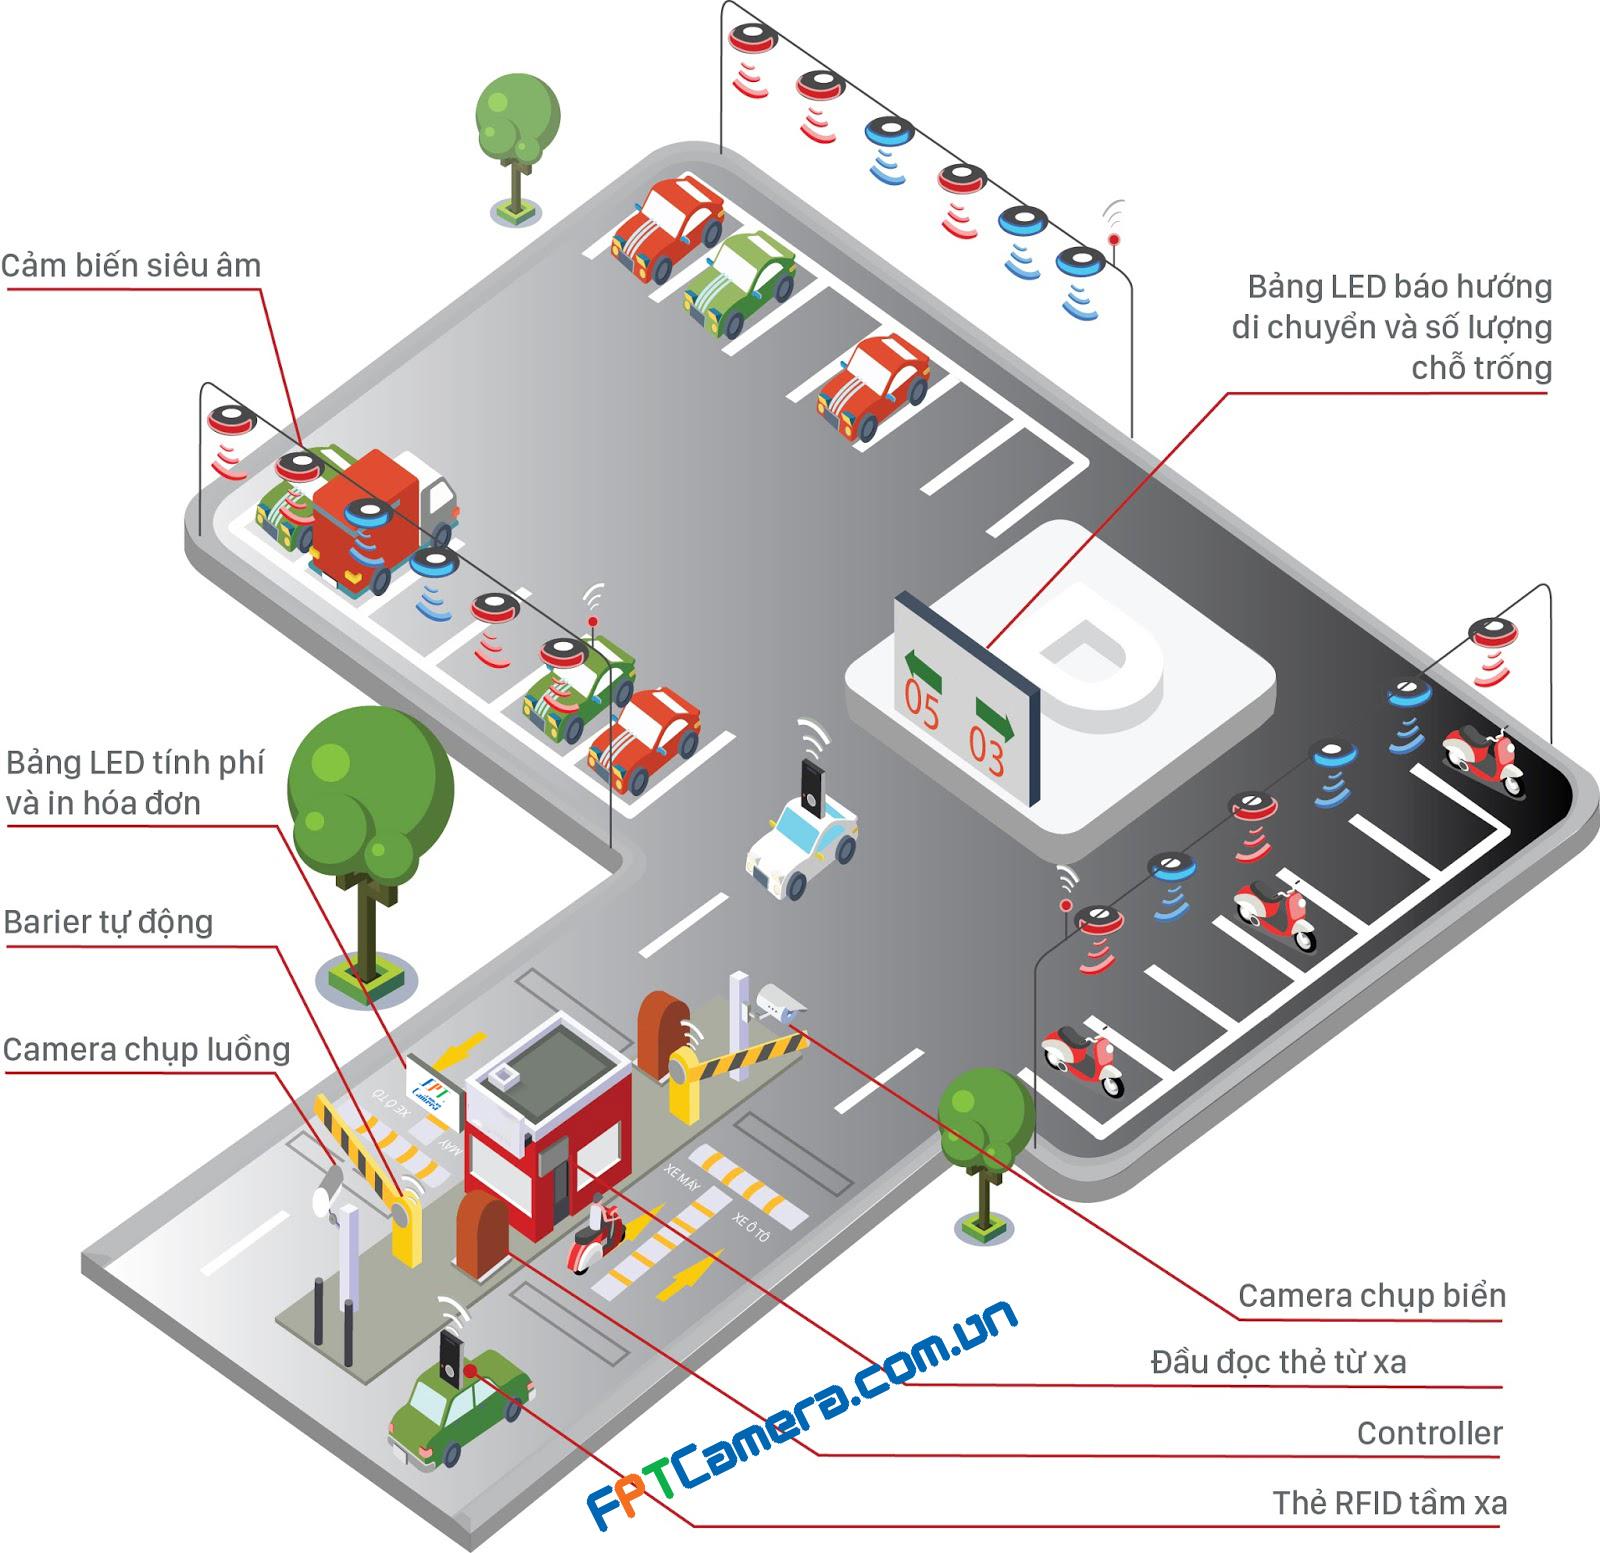 Mô hình triển khai Bãi đậu xe thông minh của FPTC